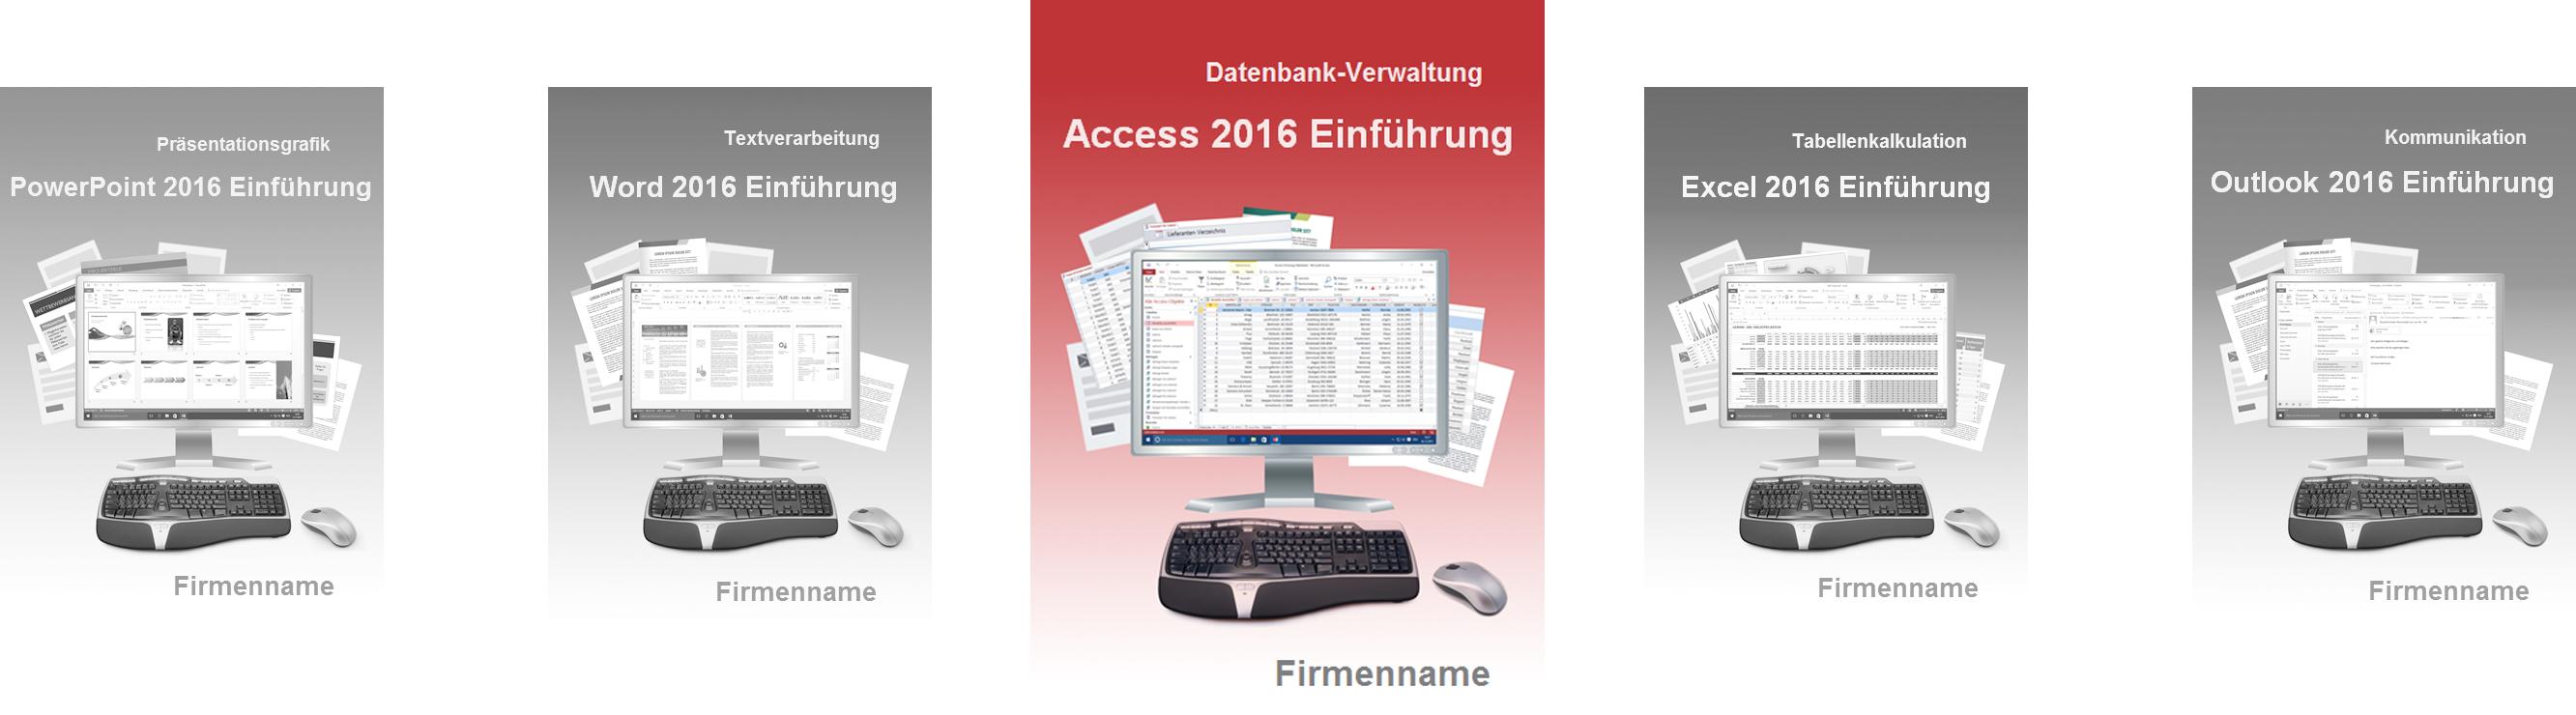 Kursunterlagen Access 2016 Einführung Slideshow